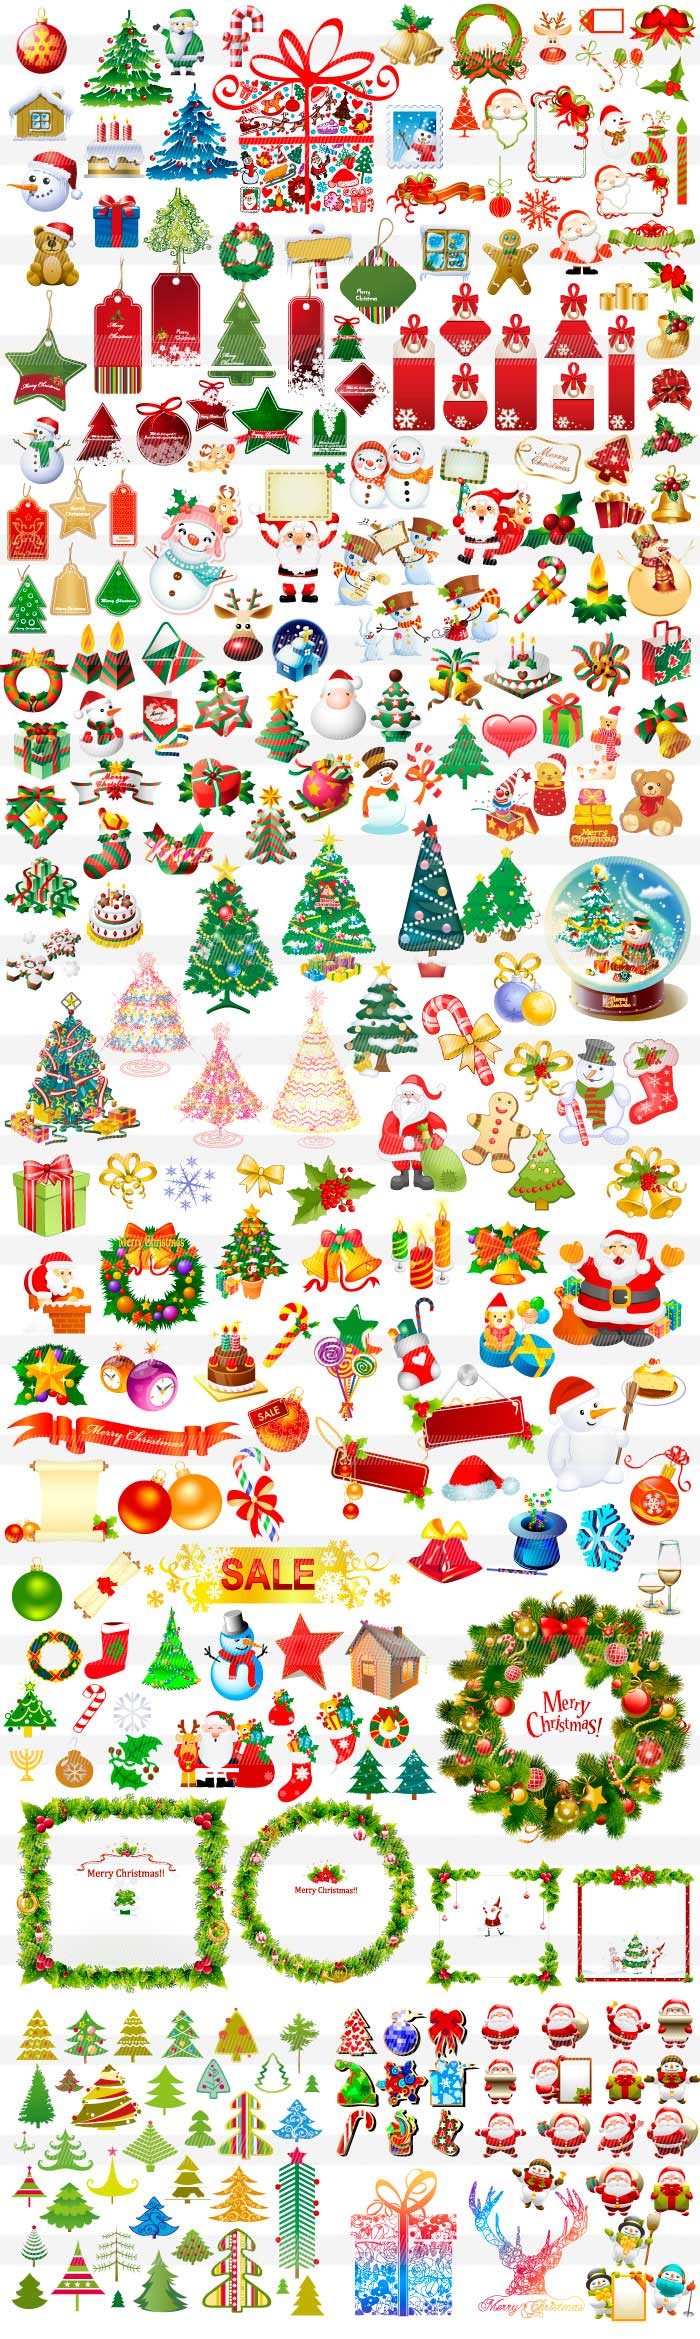 クリスマスツリー・サンタのイラスト